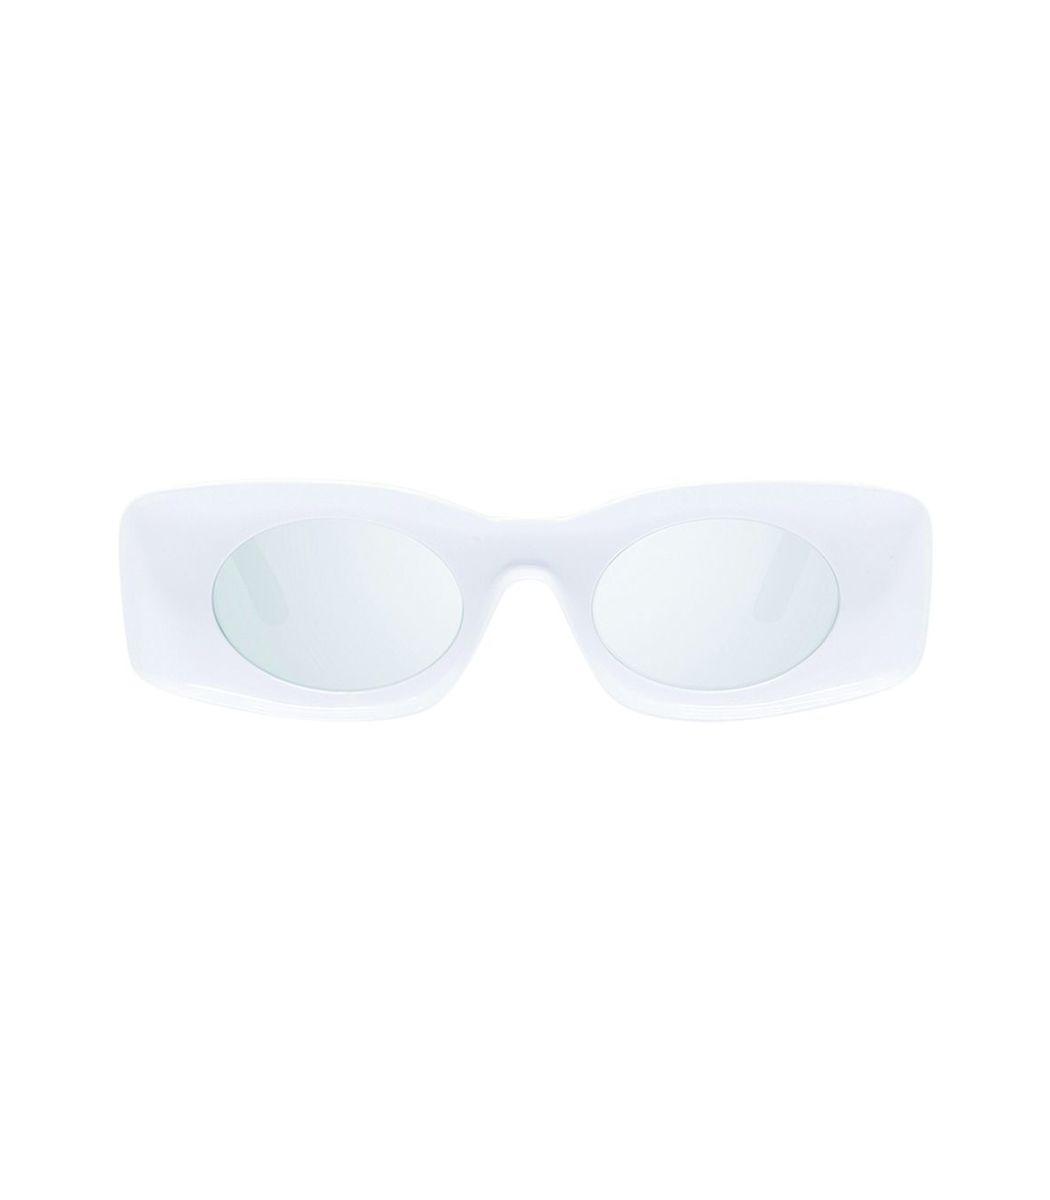 Loewe White Smoke Mirror Rectangular Sunglasses